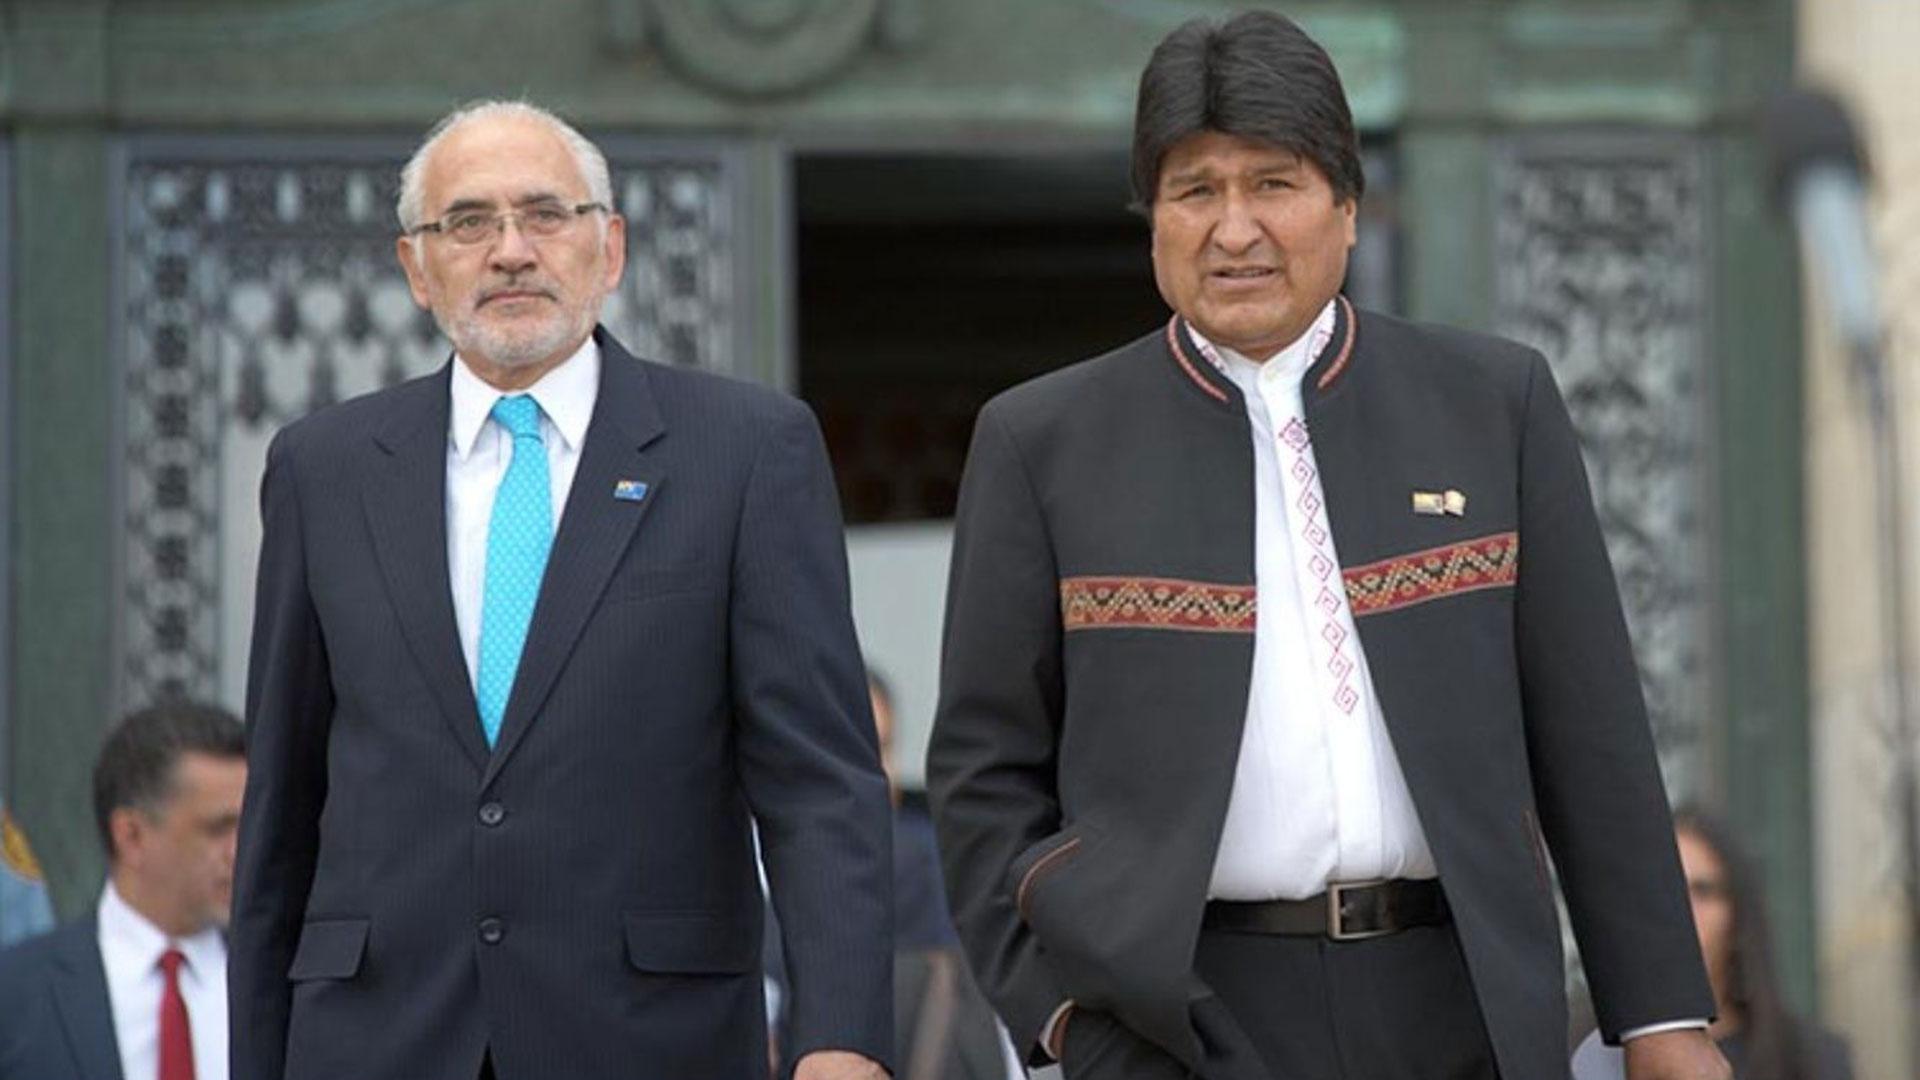 Carlos Mesa junto a Evo Morales. Aunque adversarios, han trabajado juntos en políticas de estado bolivianas, como el reclamo por la salida al Océano Pacífico